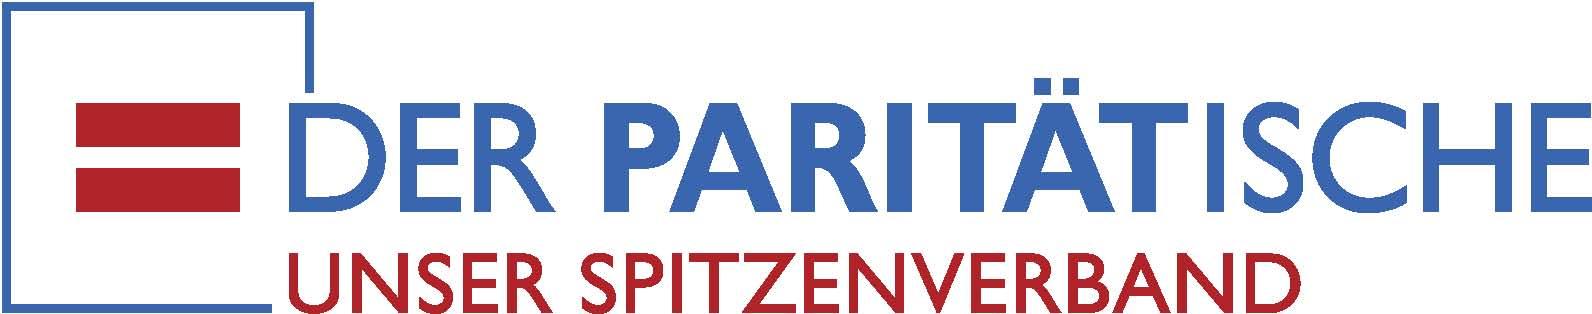 paritätische-spitzenverband